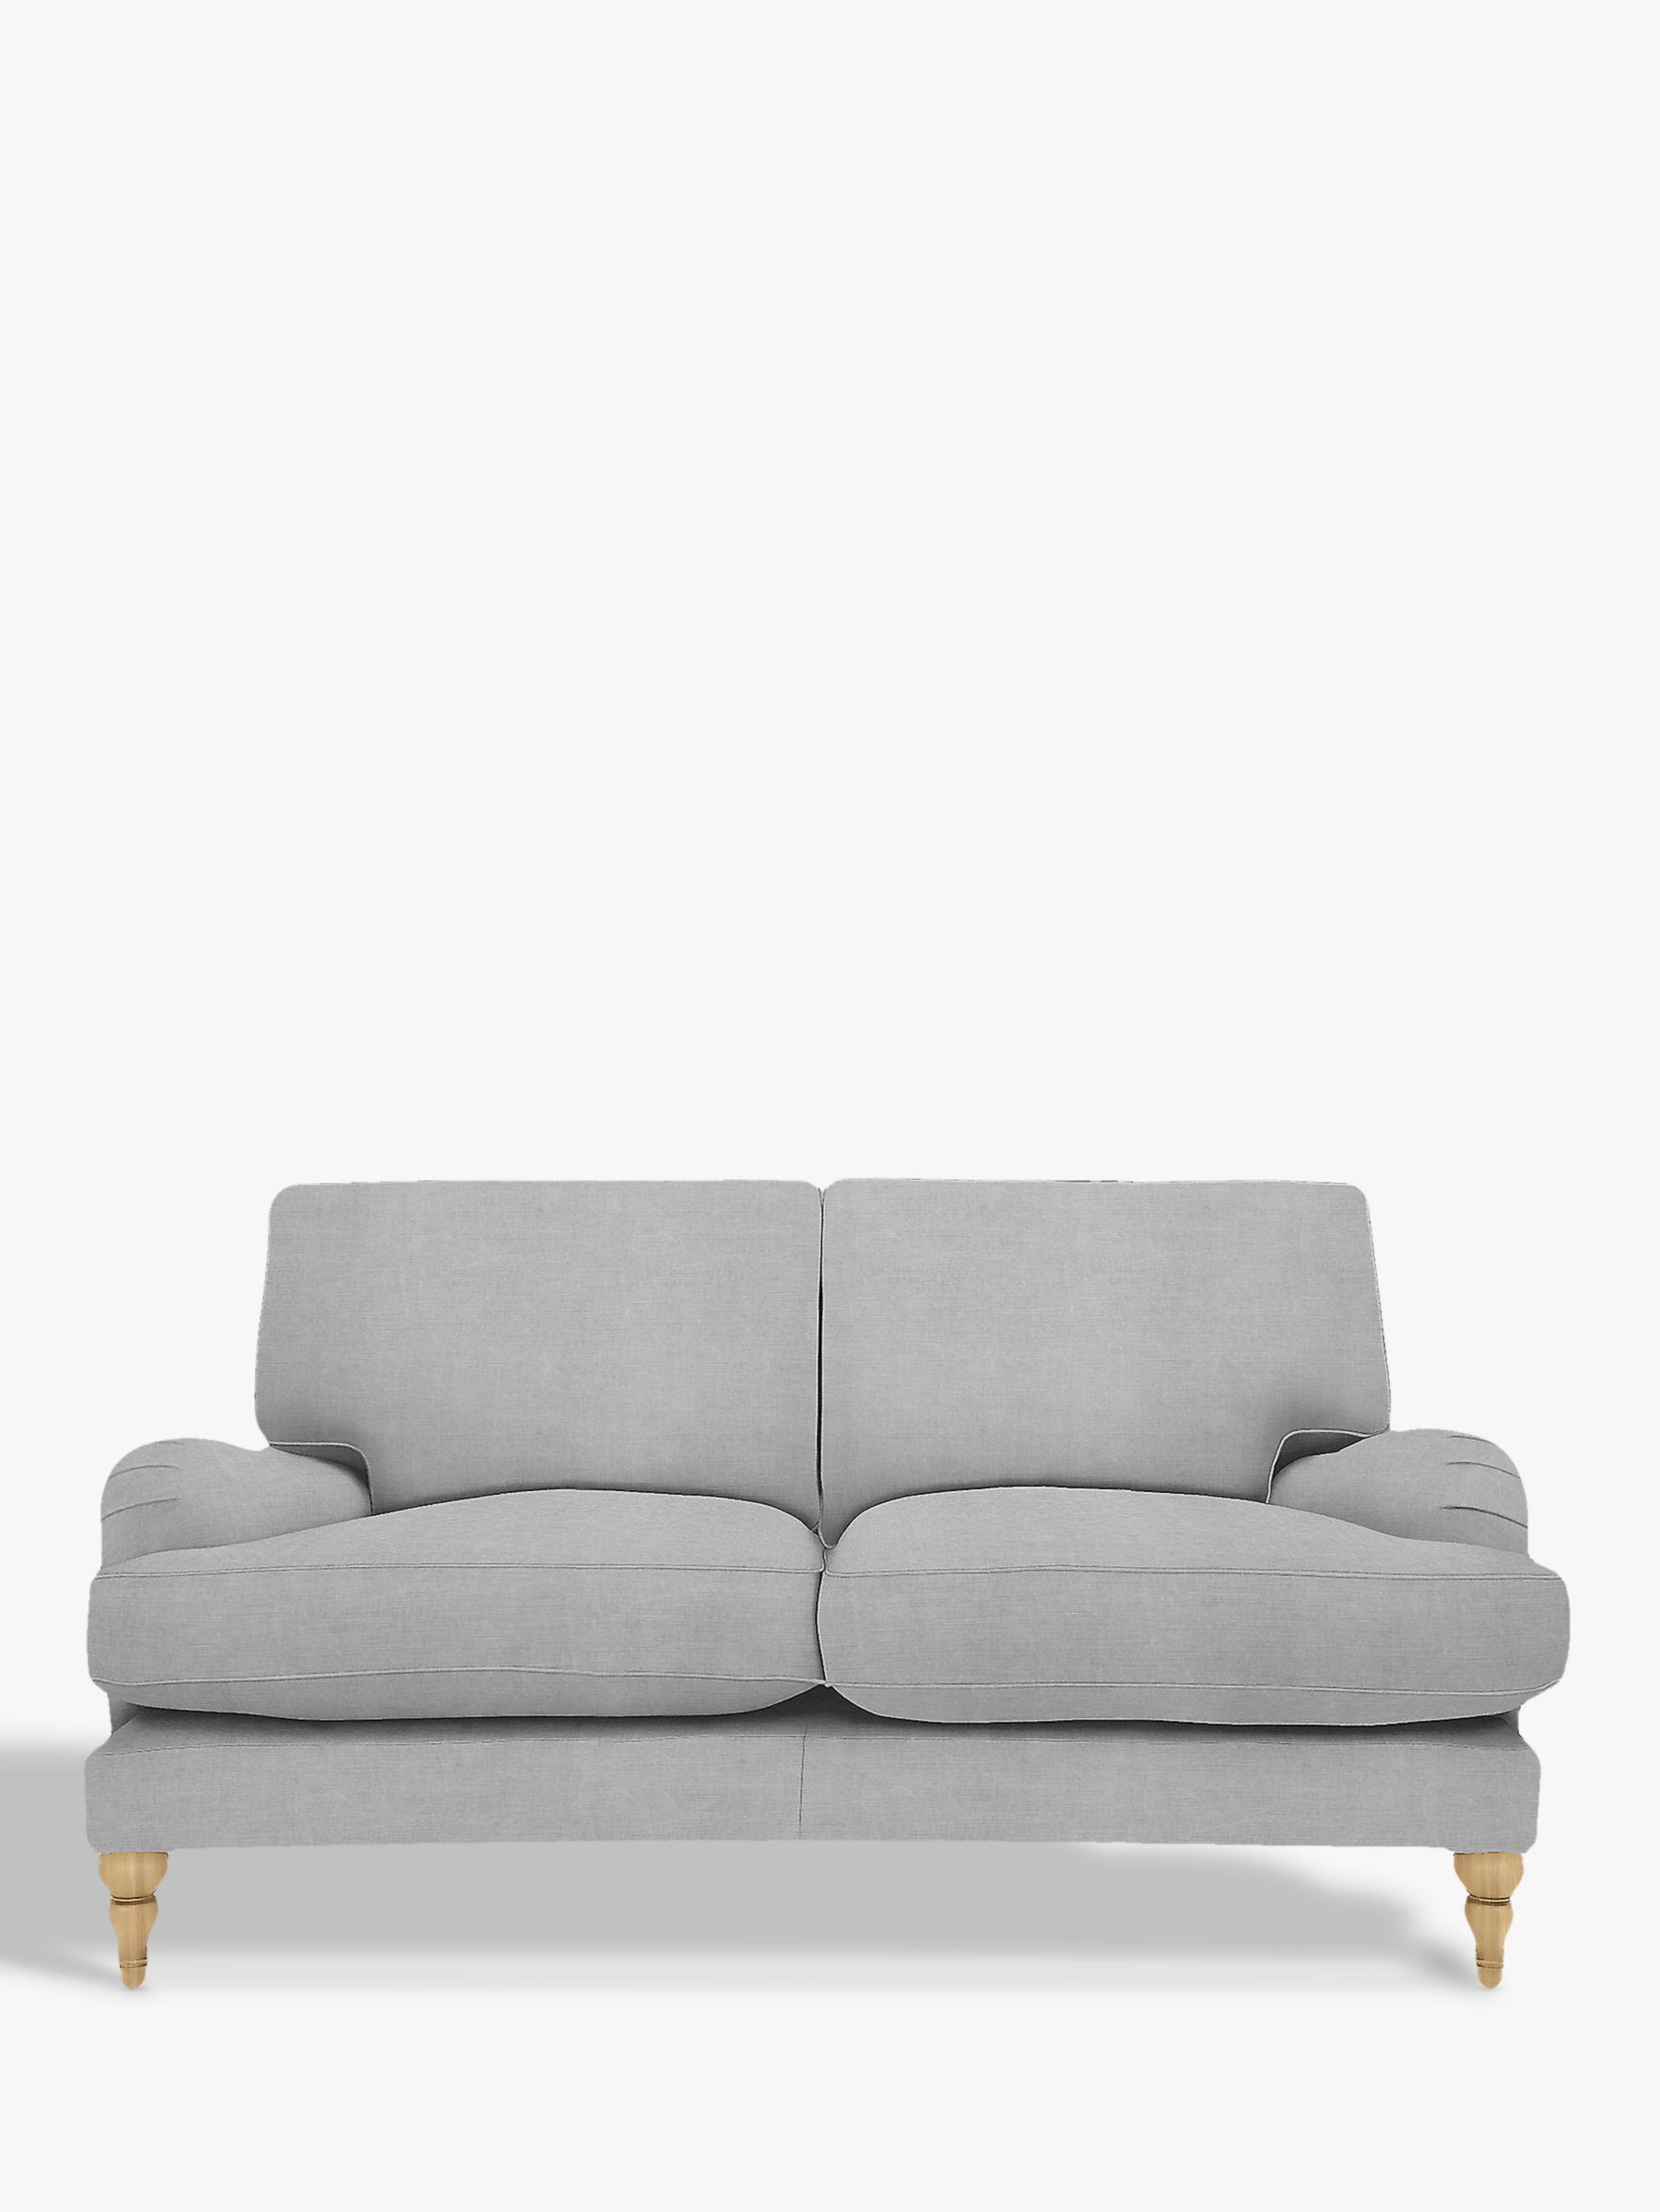 John Lewis Penryn Medium Sofa